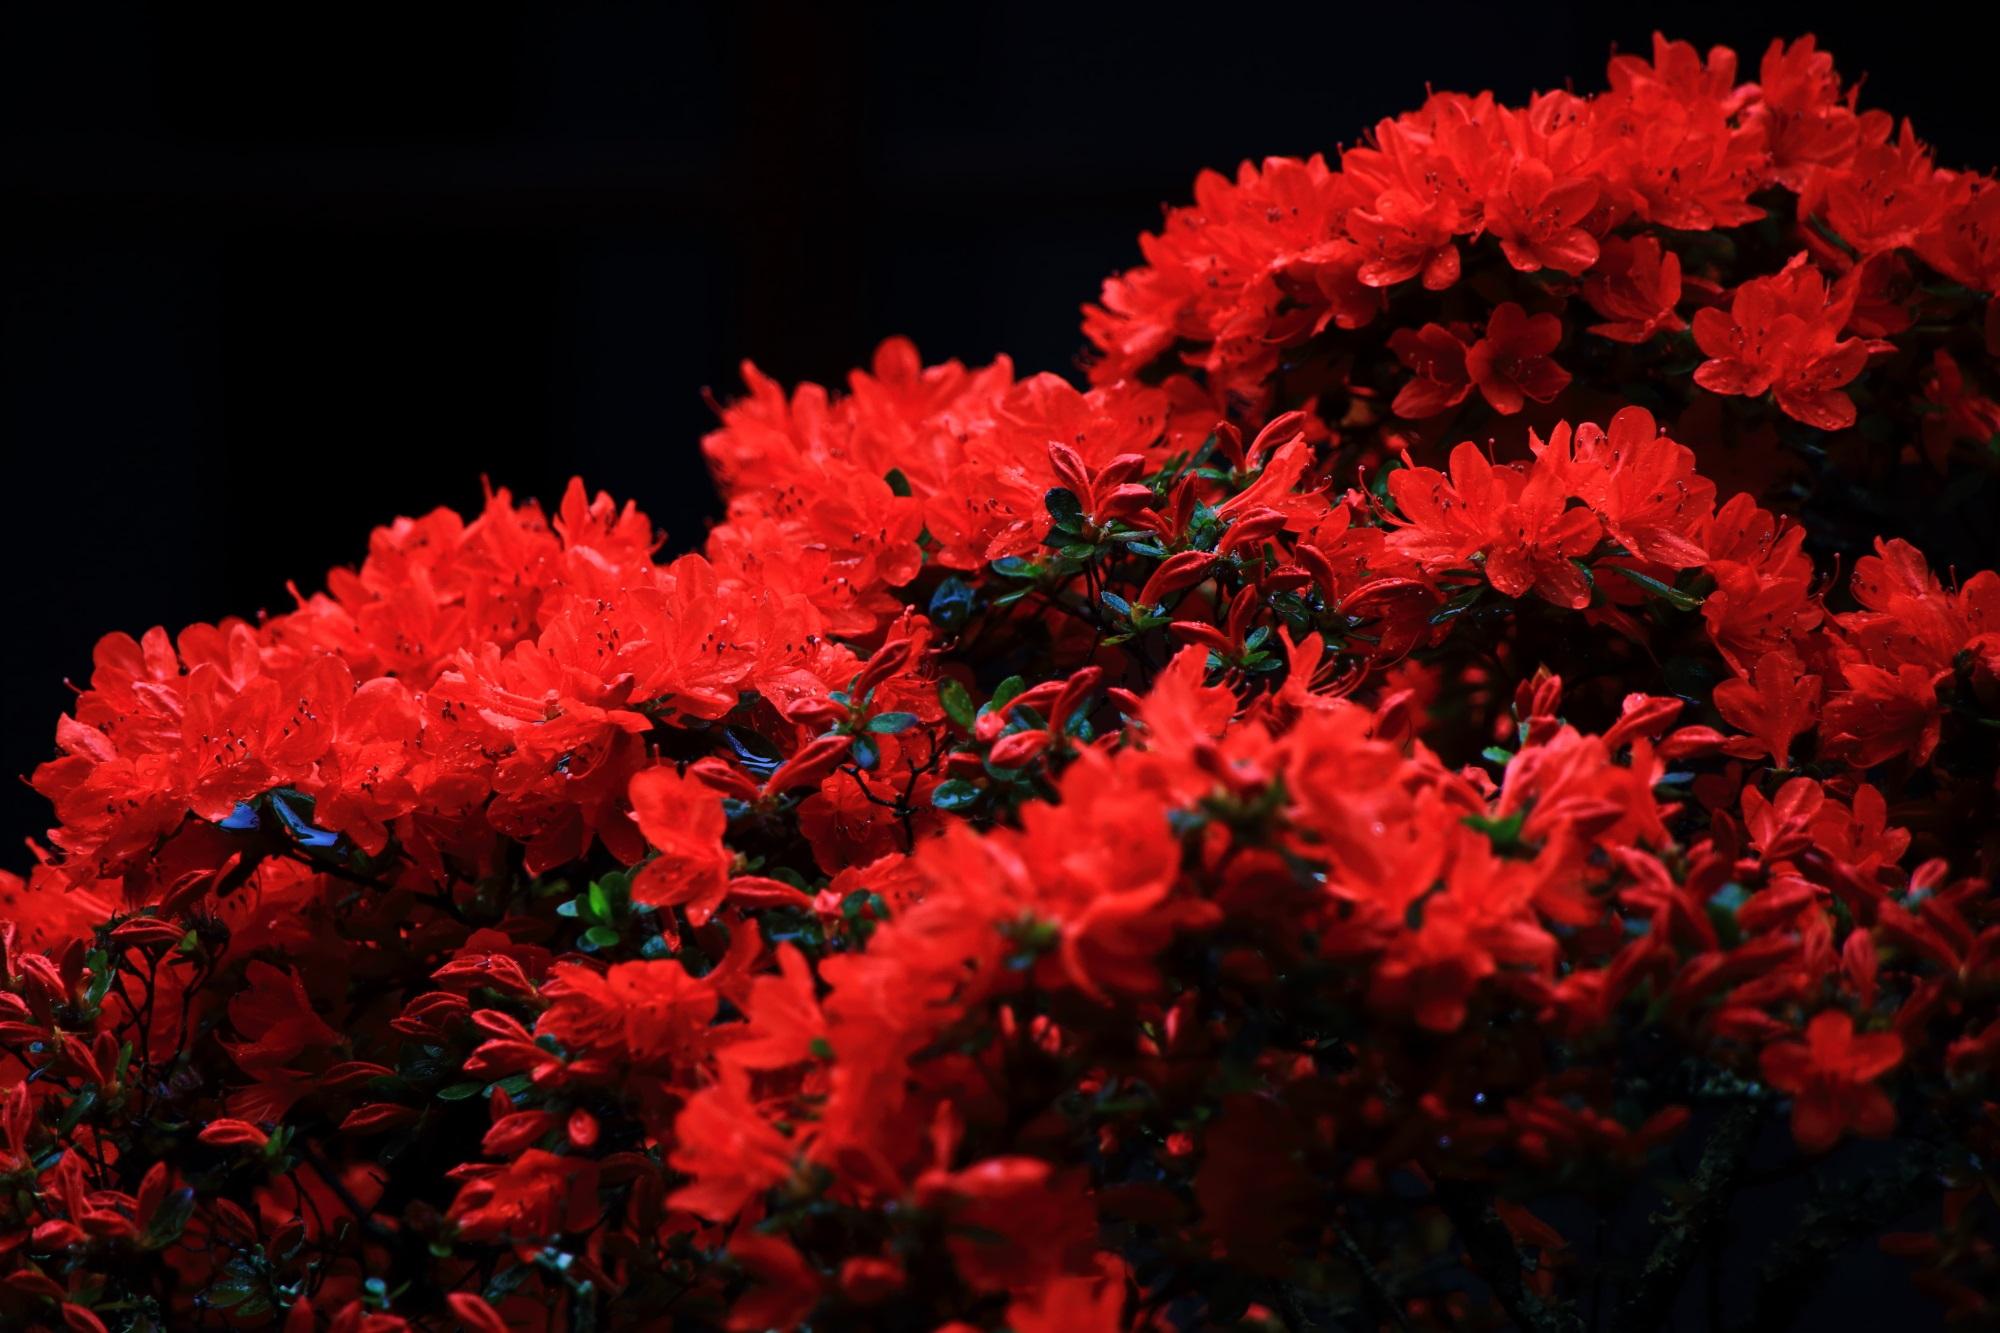 妙心寺大心院の古木だが生命力を感じる燃え上がるような真っ赤なキリシマツツジの花